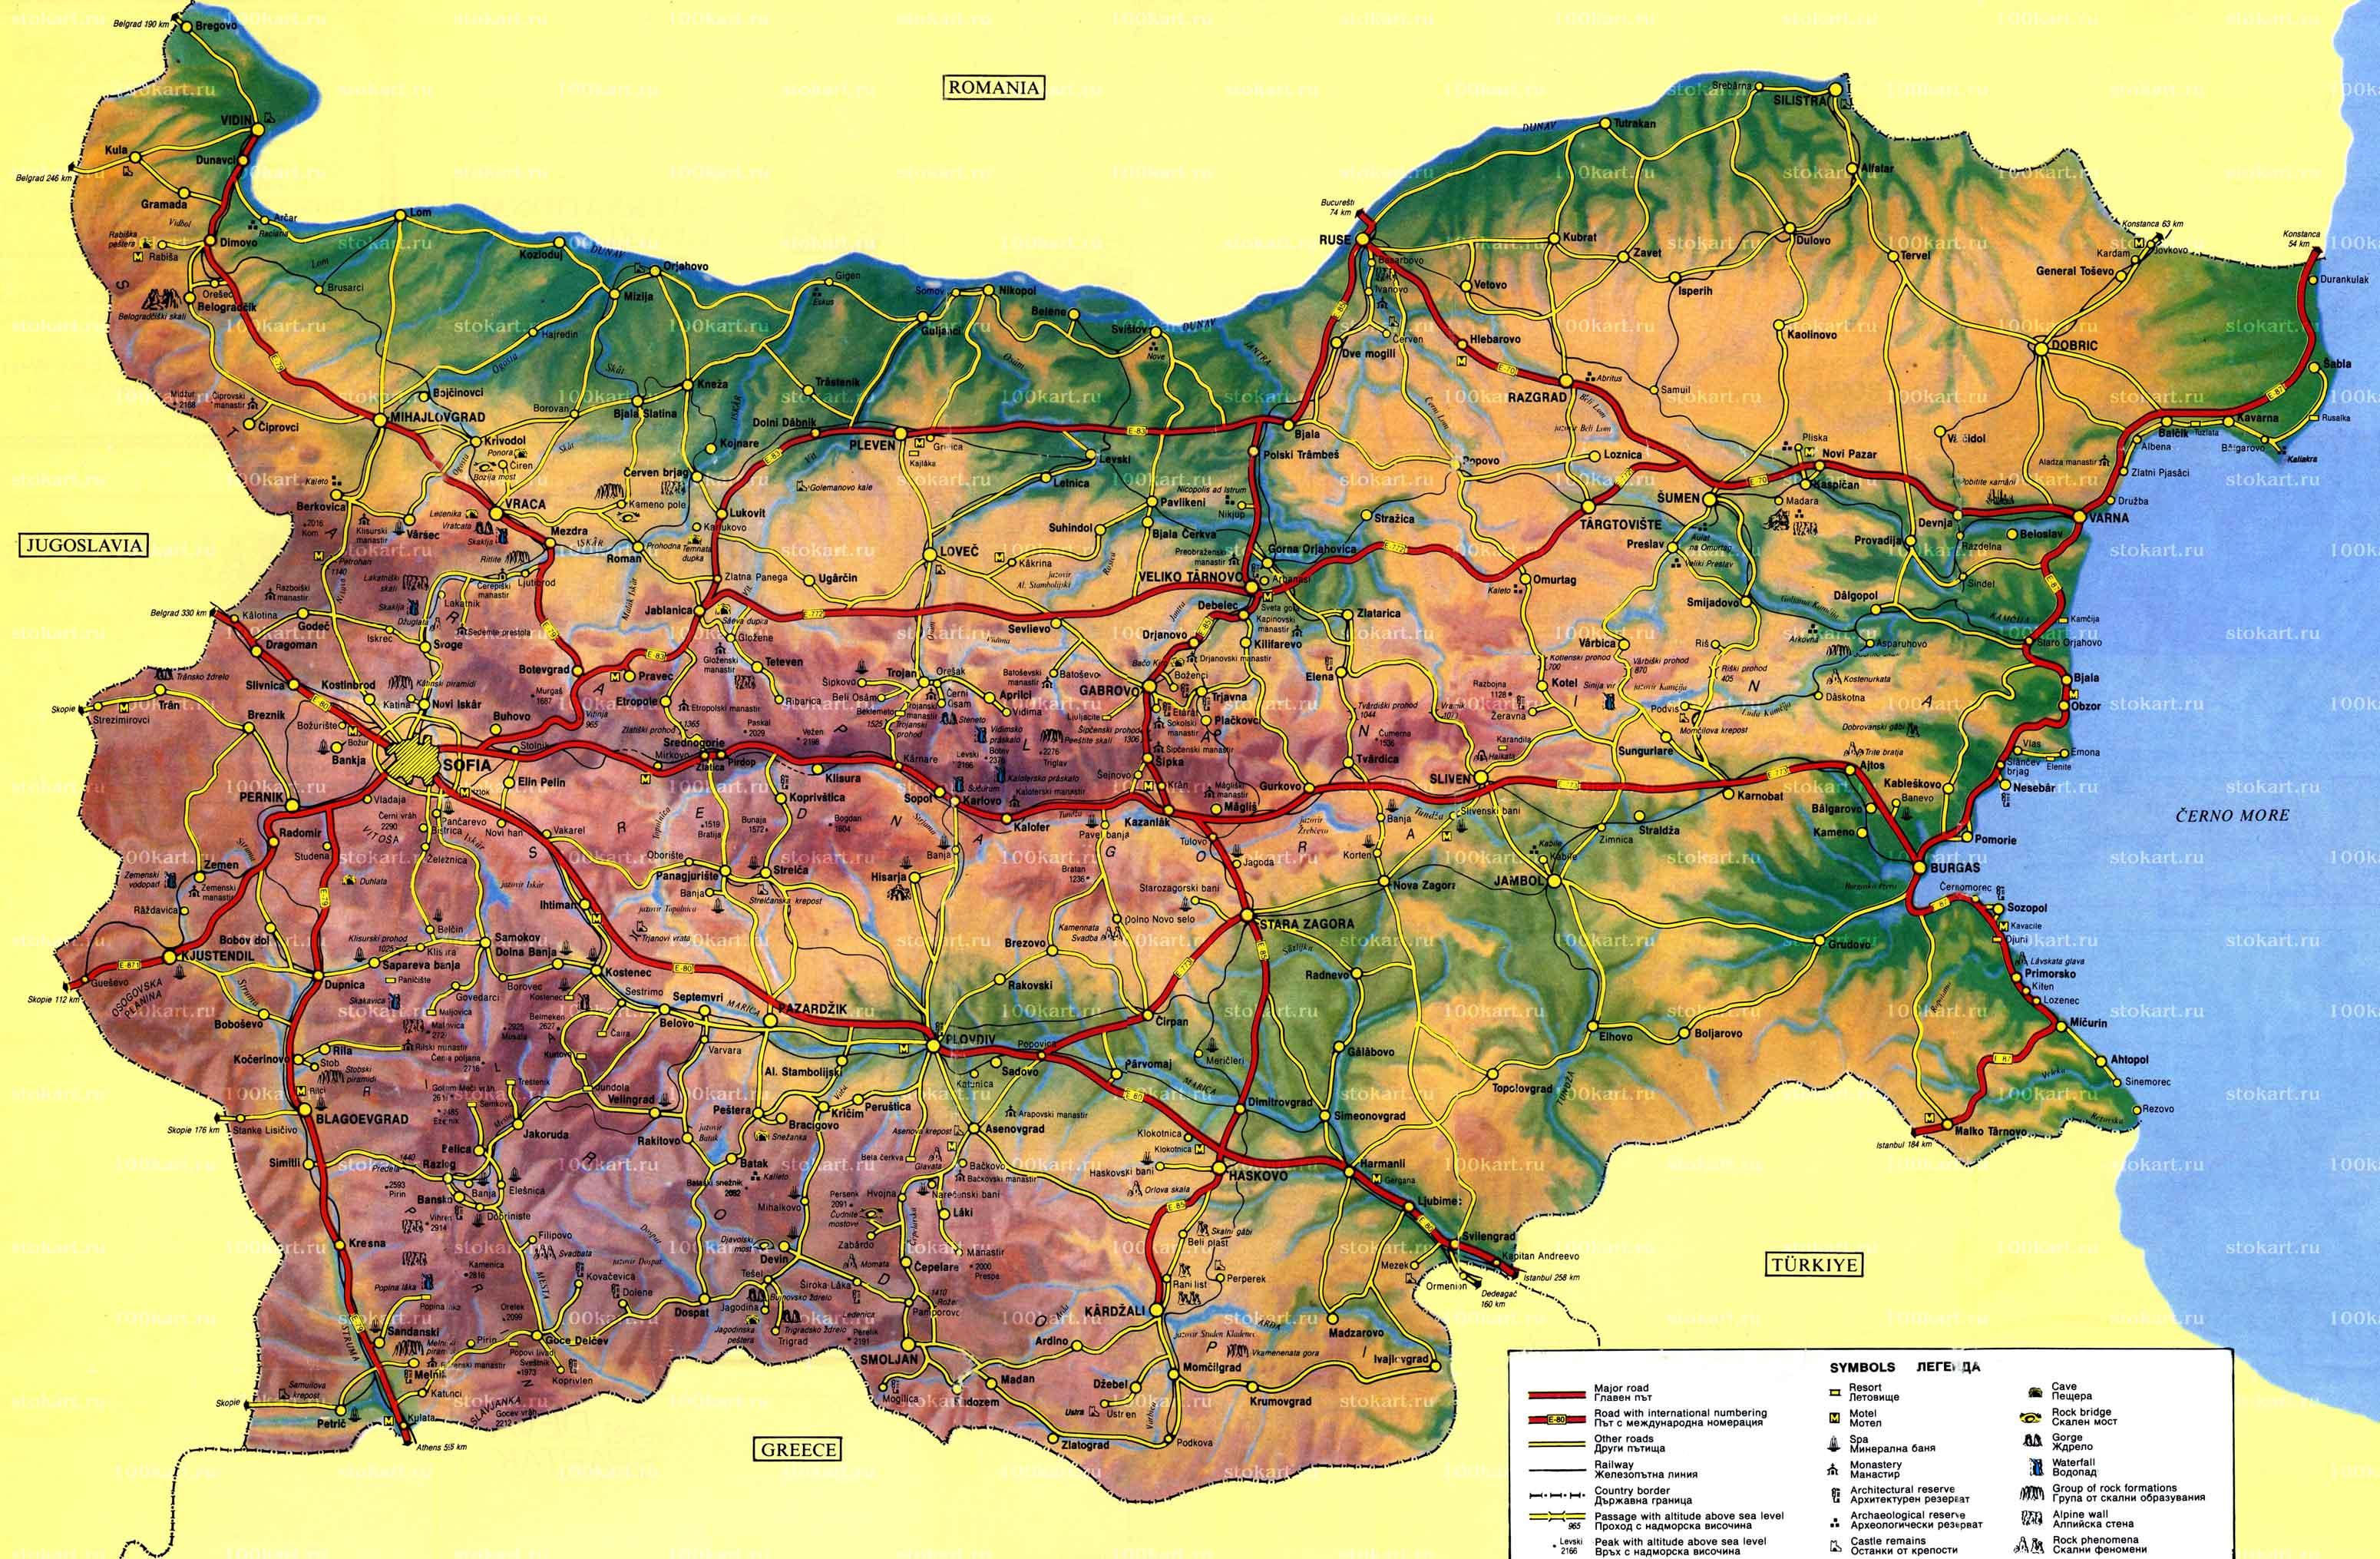 Болгария может установить мировой антирекорд по темпам строительства дорог 1